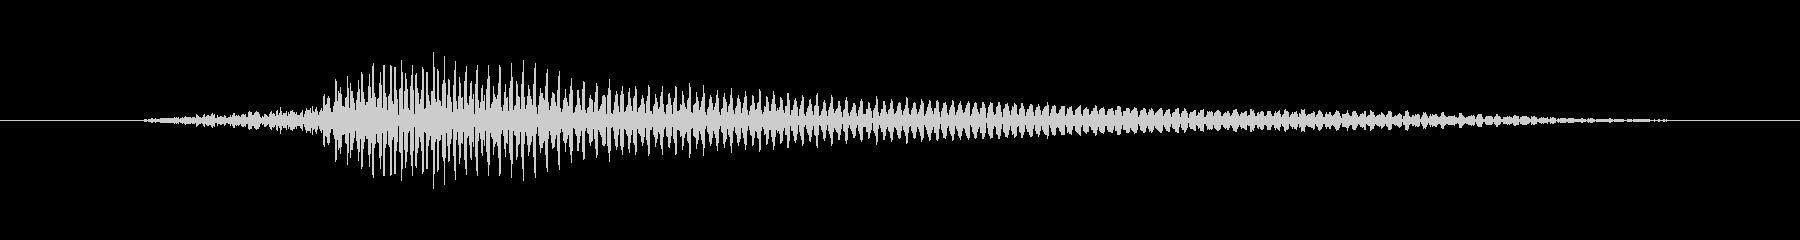 鳴き声 男性のため息が印象的な優しい04の未再生の波形